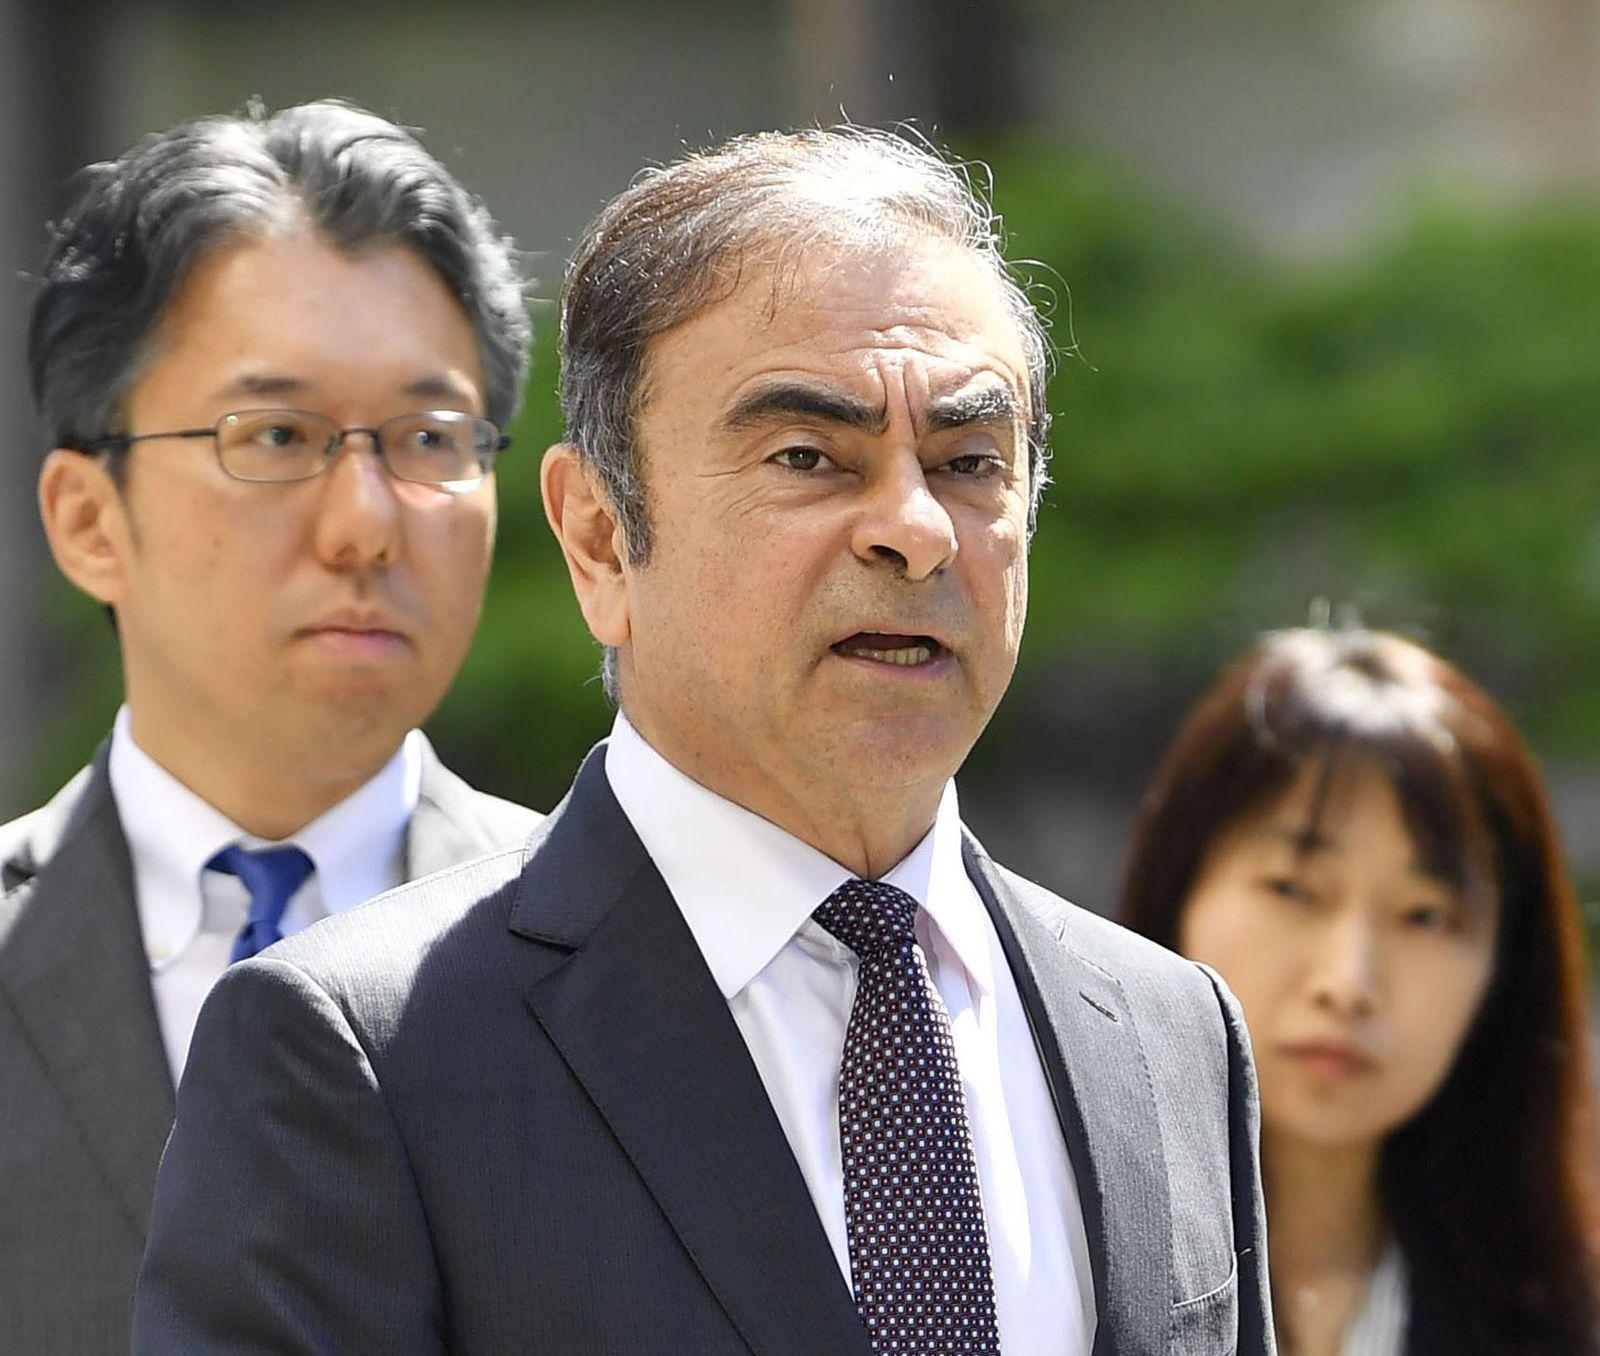 Affäre um Ex-Topmanager Ghosn zieht bei Renault weitere Kreise